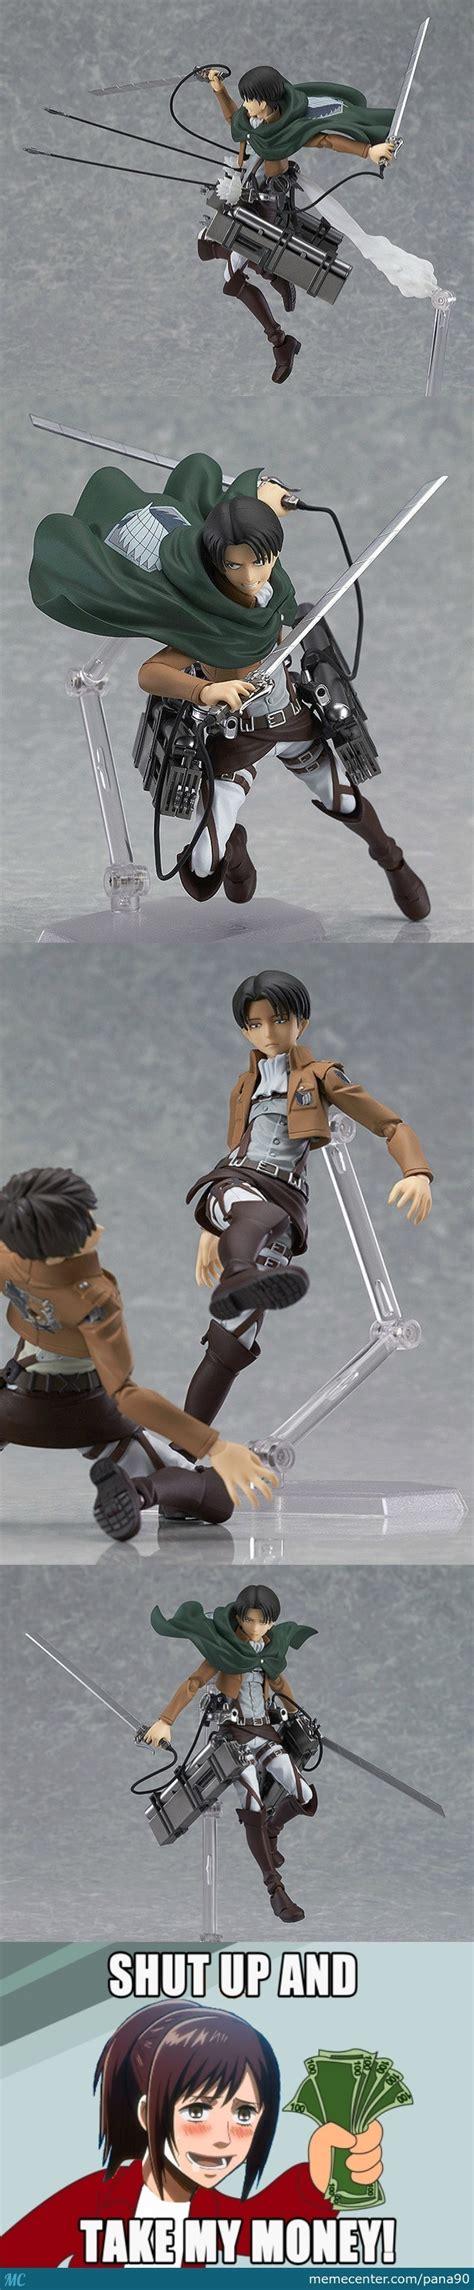 Meme Figurines - shingeki no kyojin figurines credit to zain mustafa 399